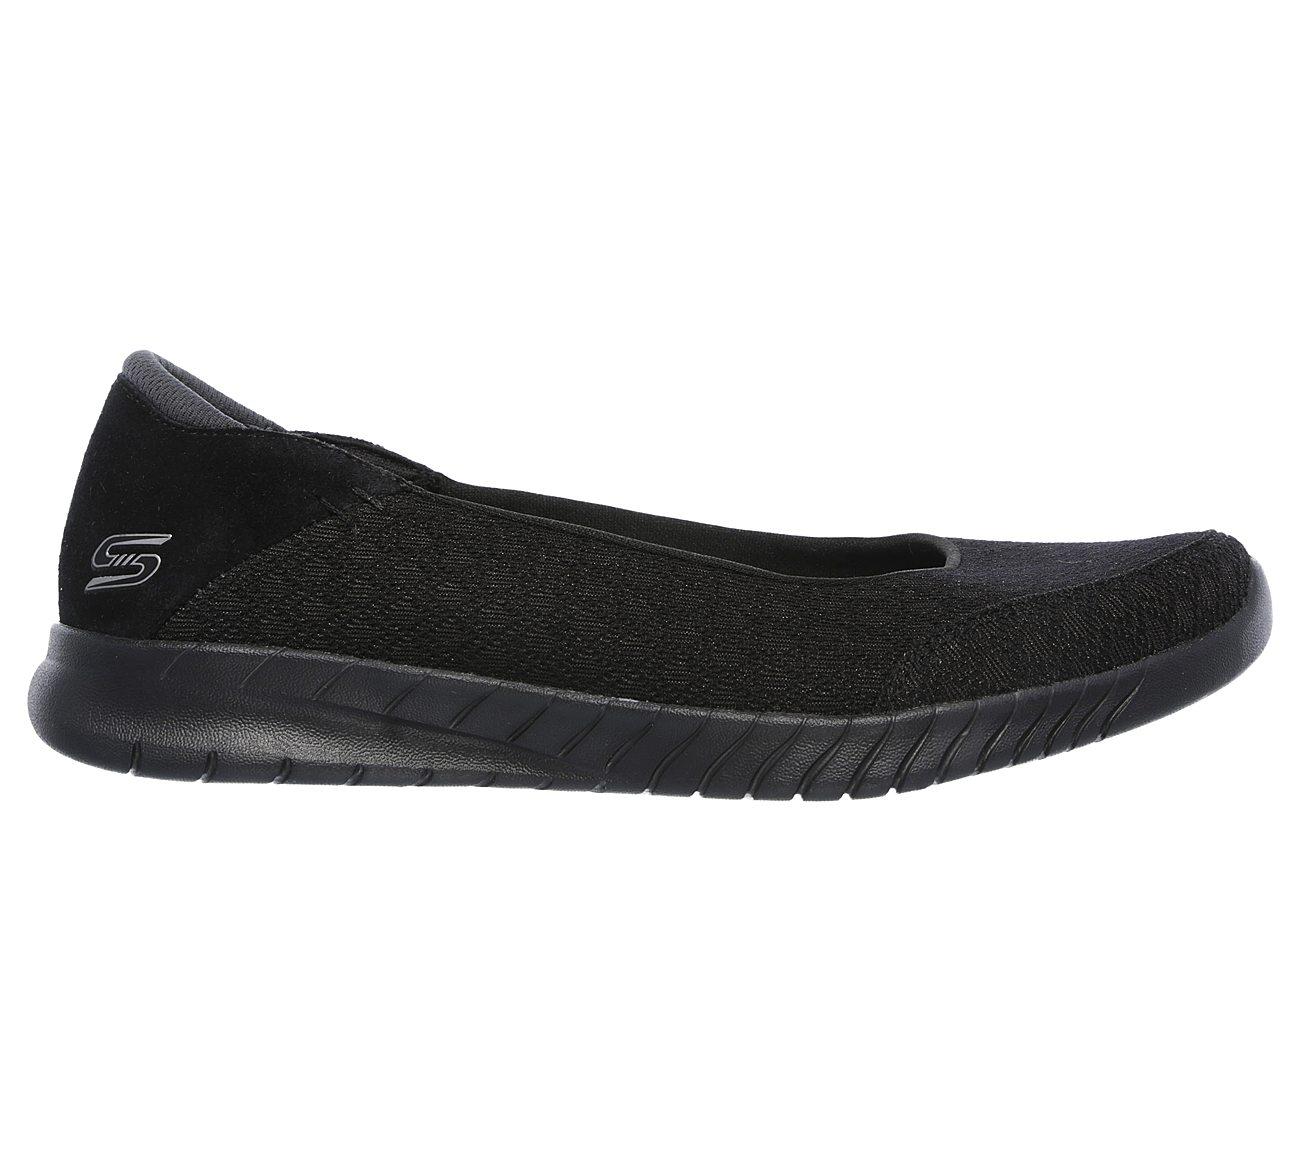 Don't Buy Skechers! | HuffPost